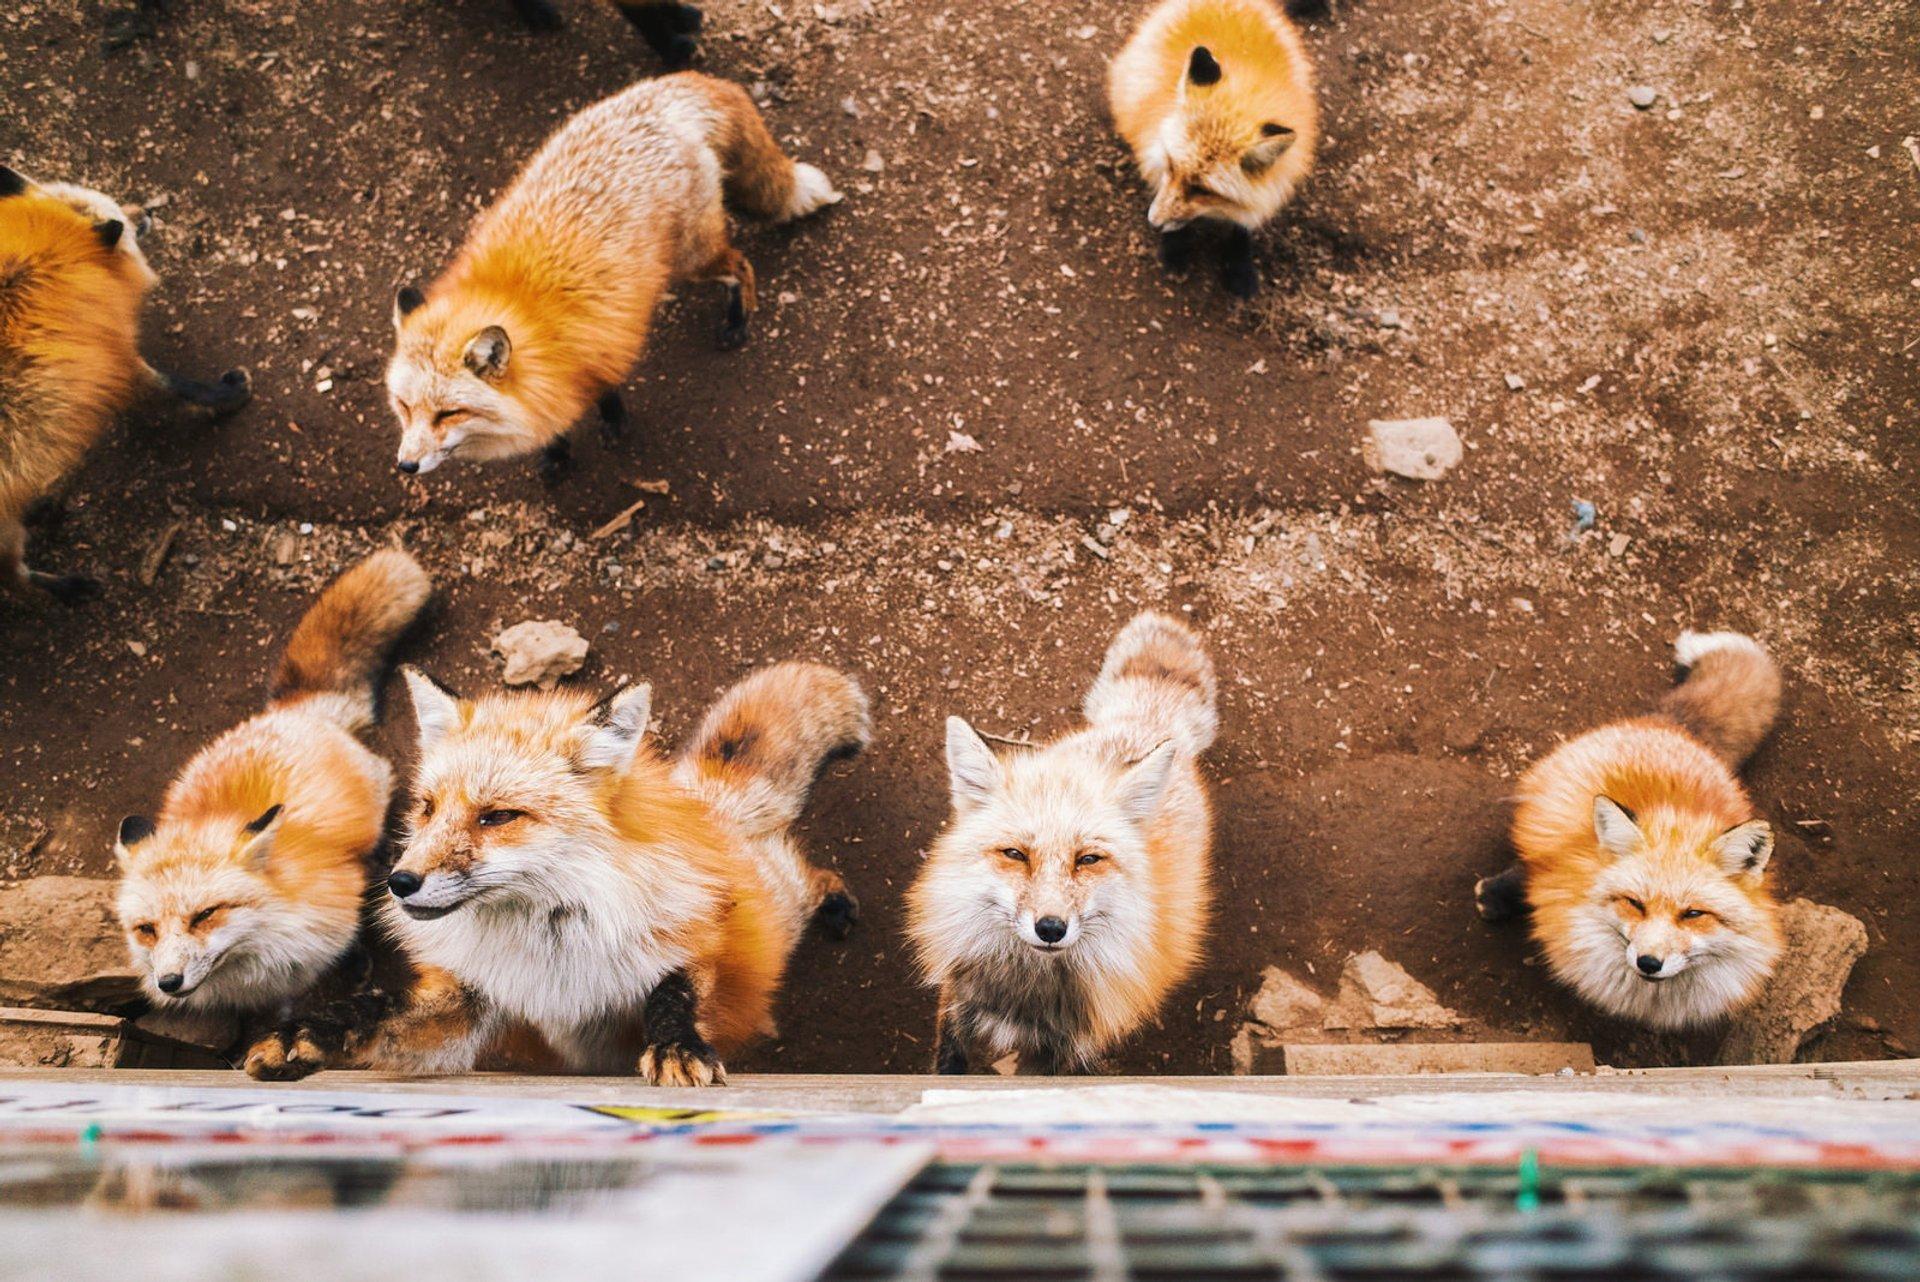 Zao Fox Village in Japan - Best Time